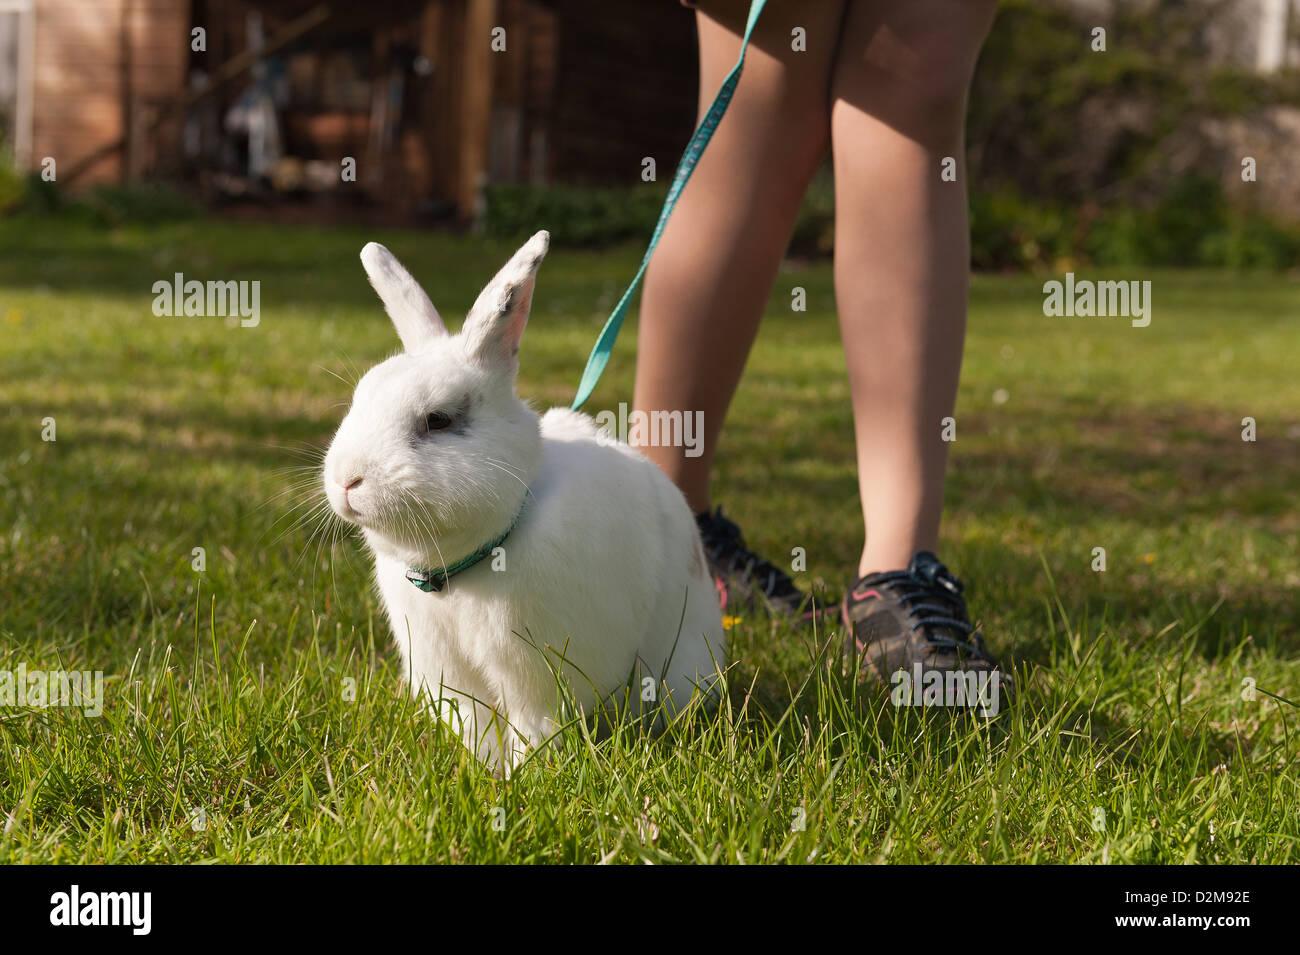 Adolescente ragazza camminare un inglese butterfly coniglio bianco su una derivazione su un prato con margherite Immagini Stock